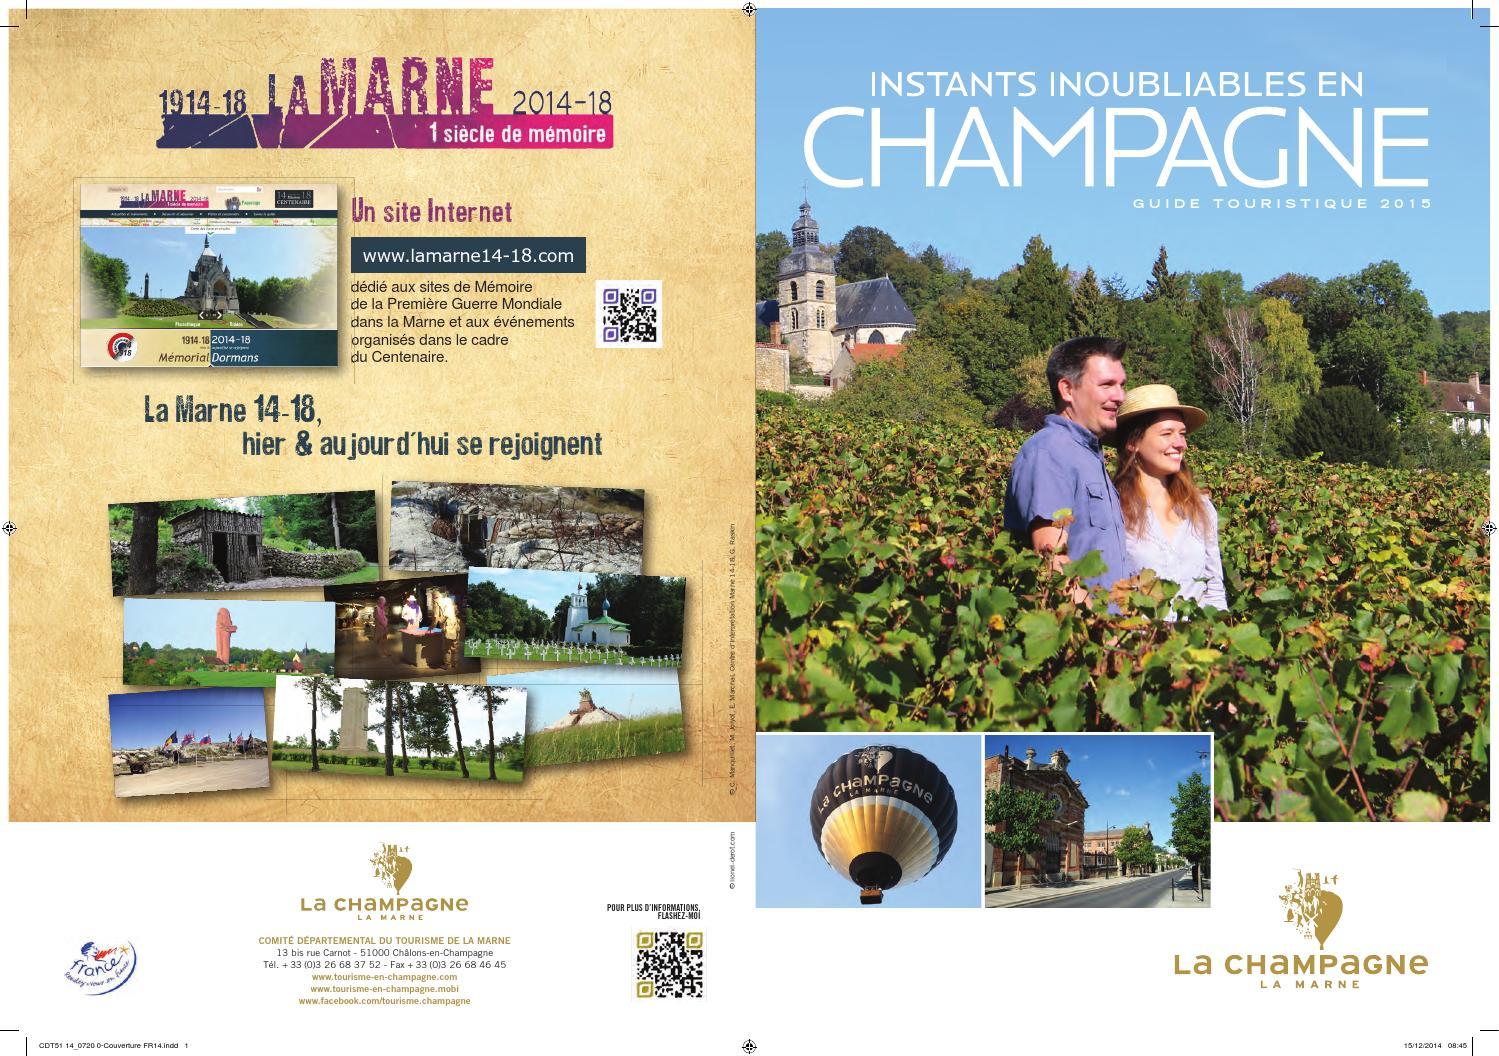 n°15 Millésime 2005 Capsule de Champagne DELOUVIN BAGNOST